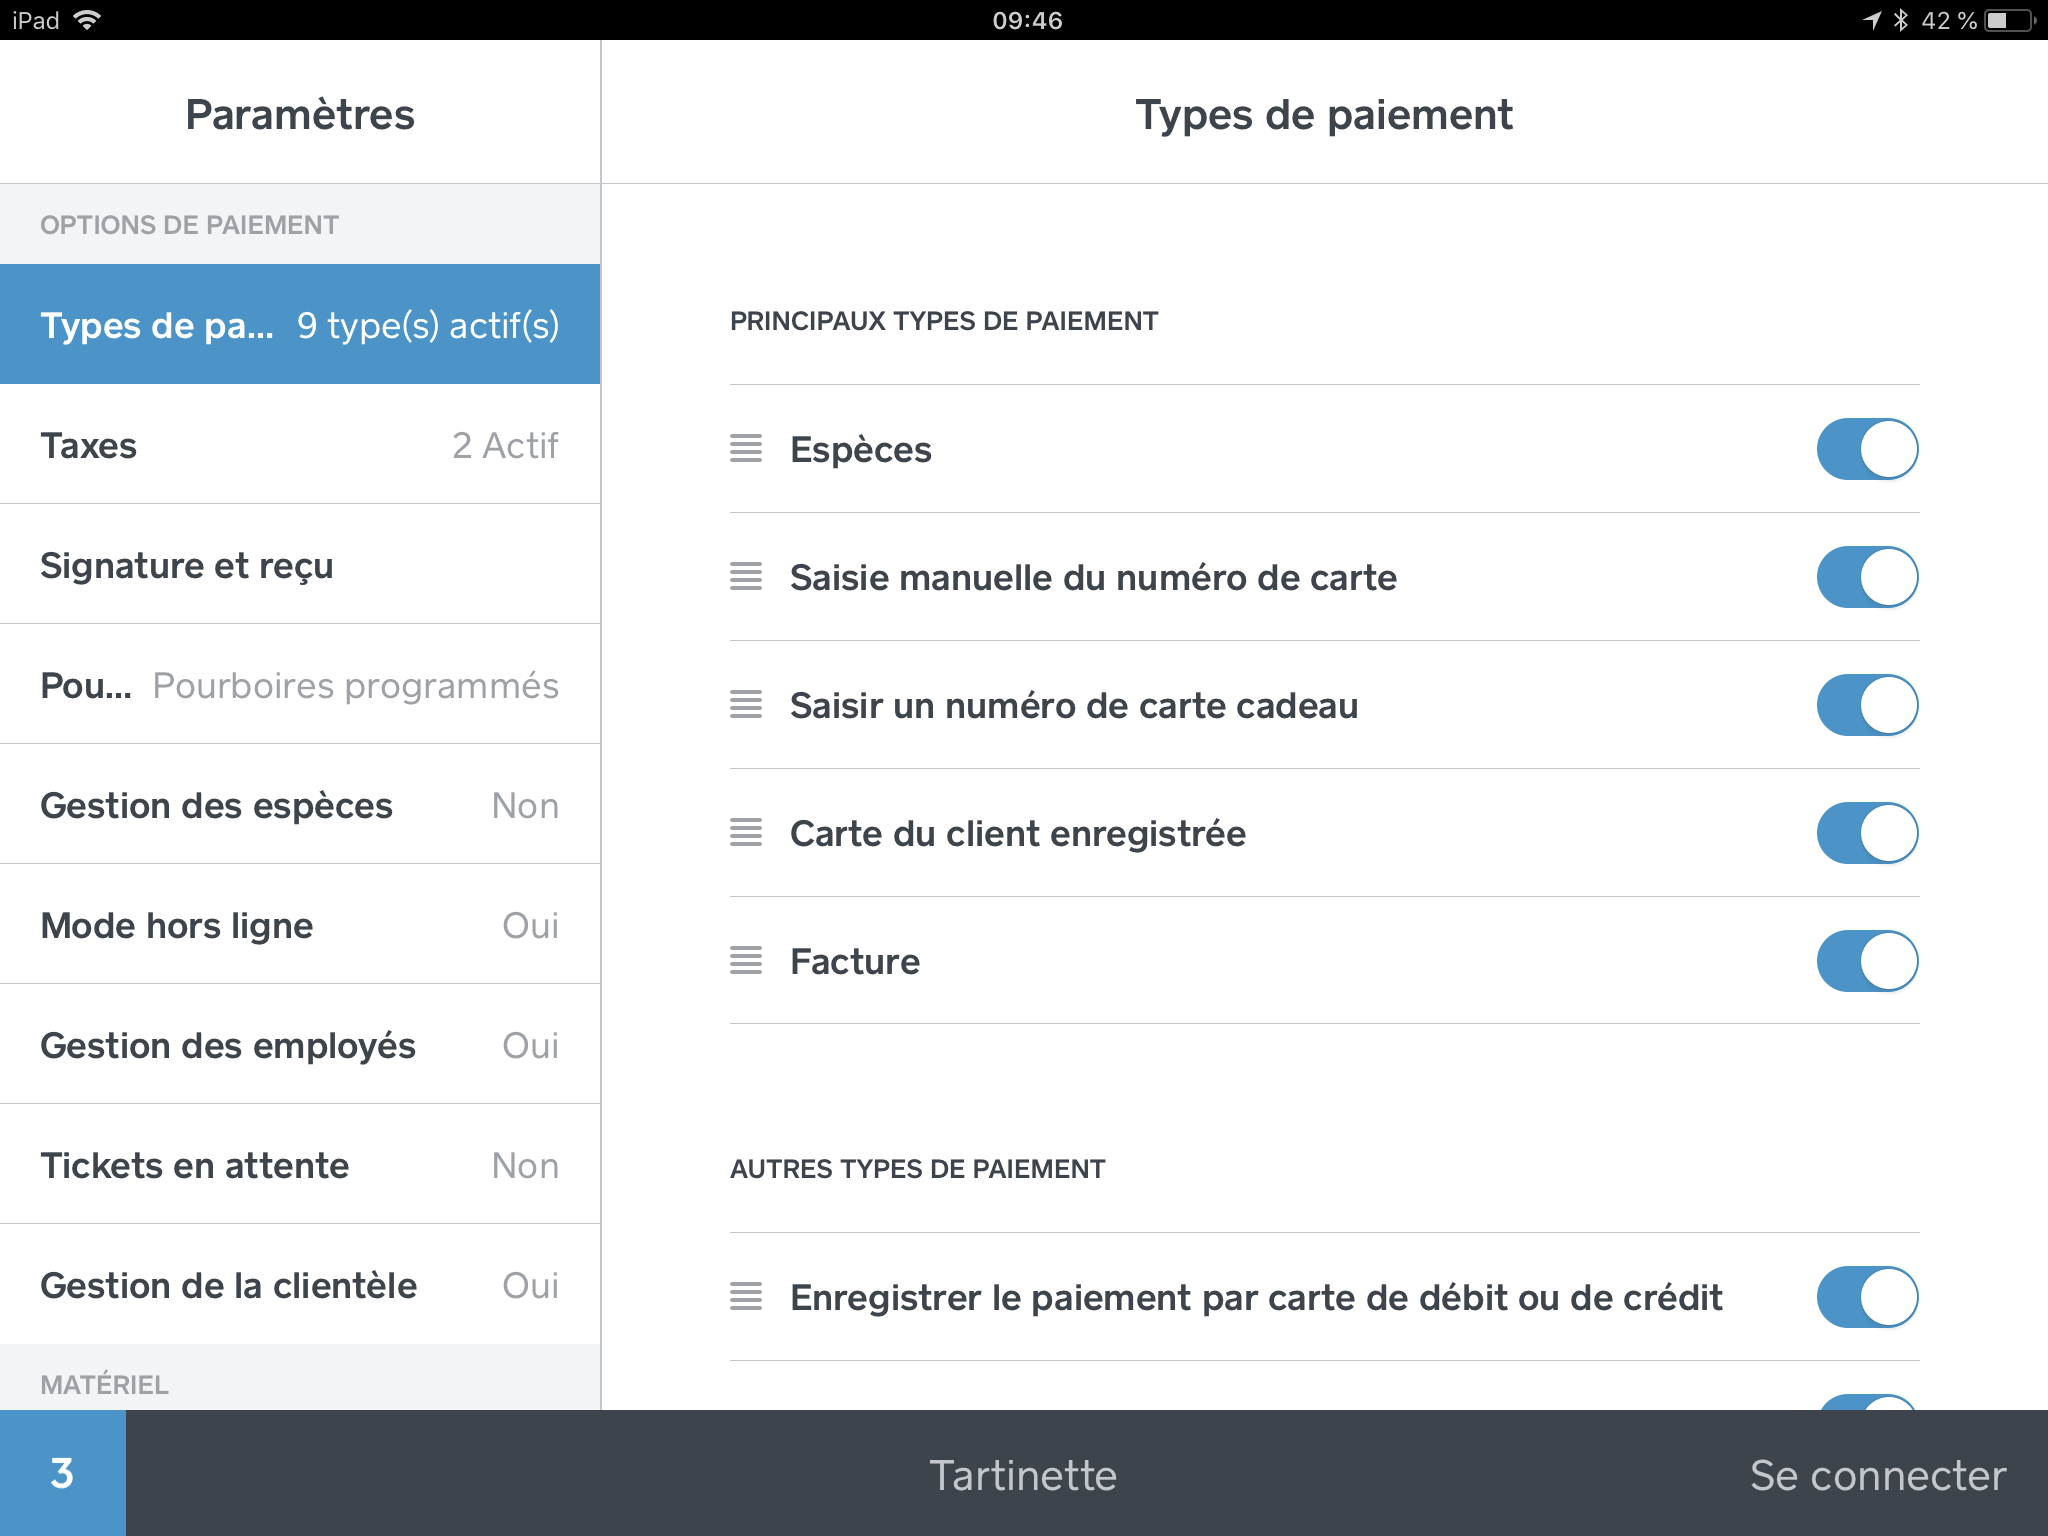 Types de paiement dans iOS